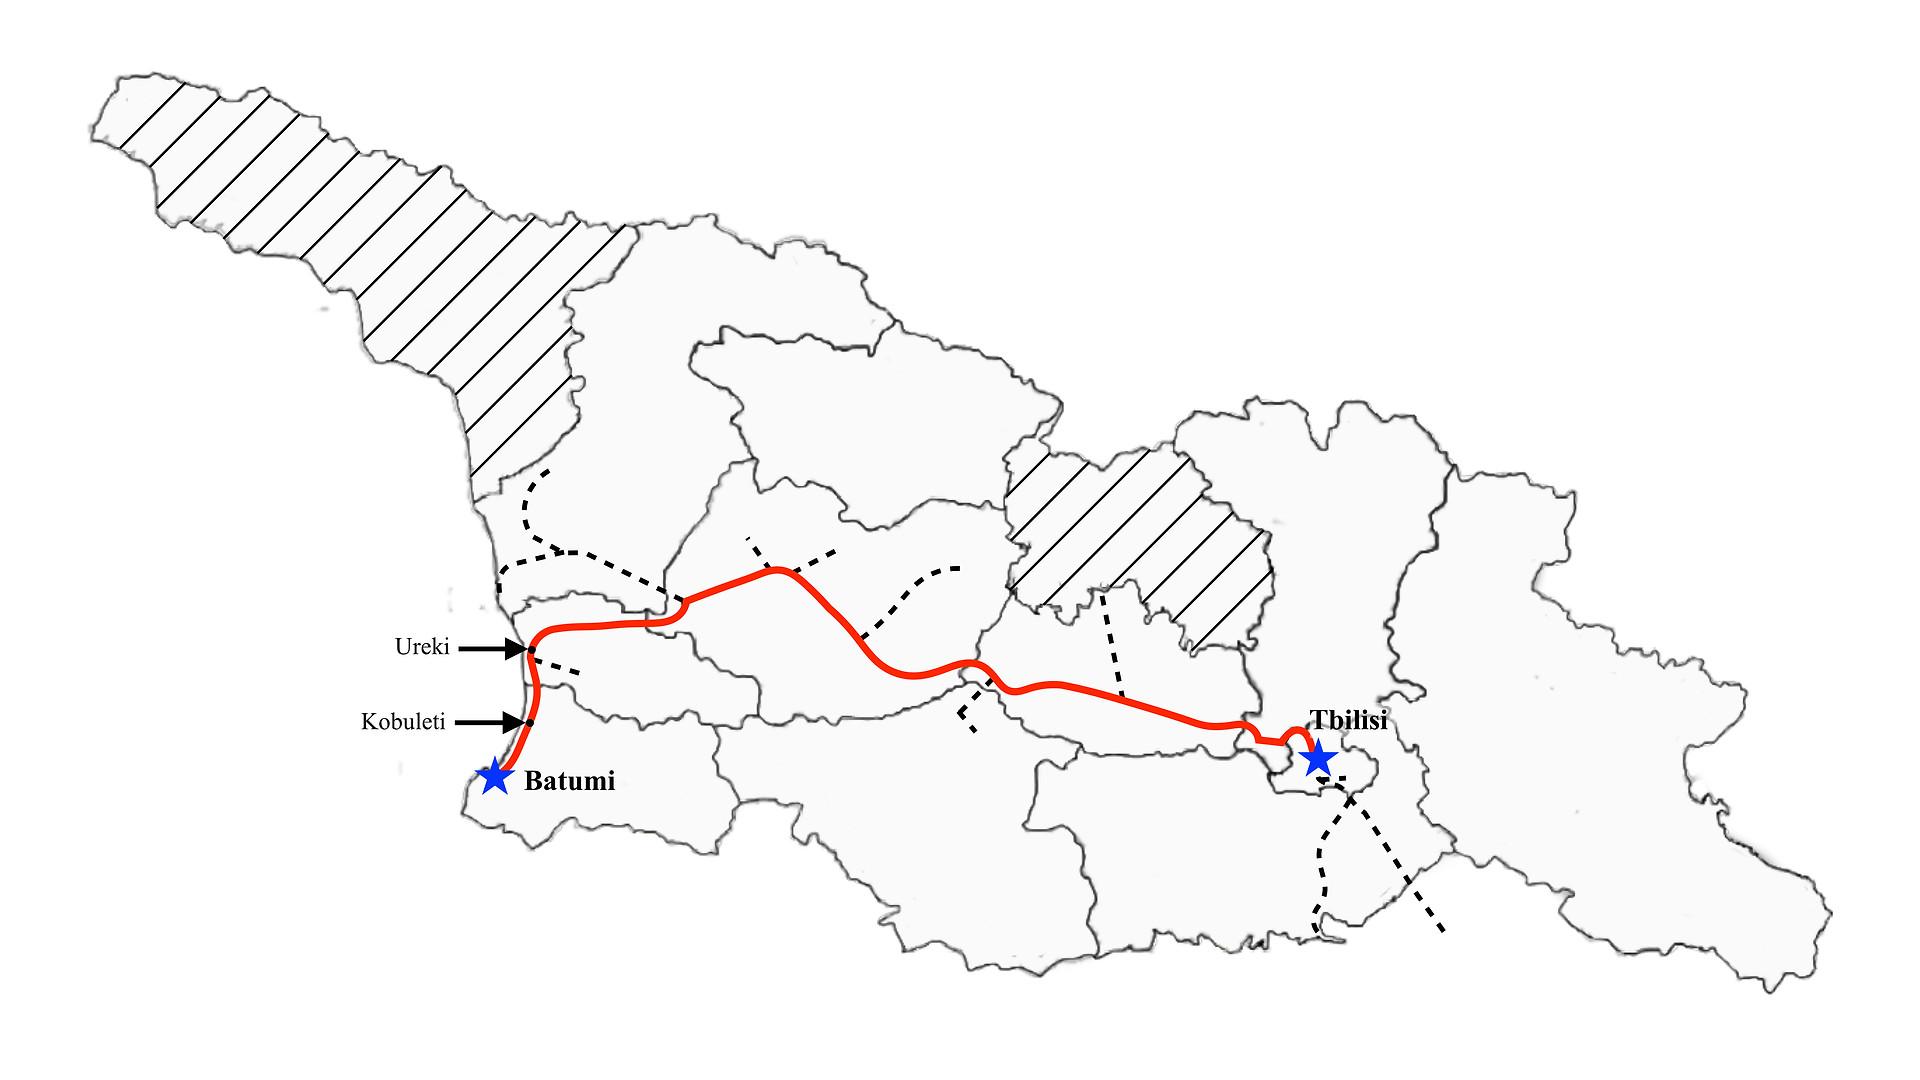 Tbilisi to Batumi (Fast)